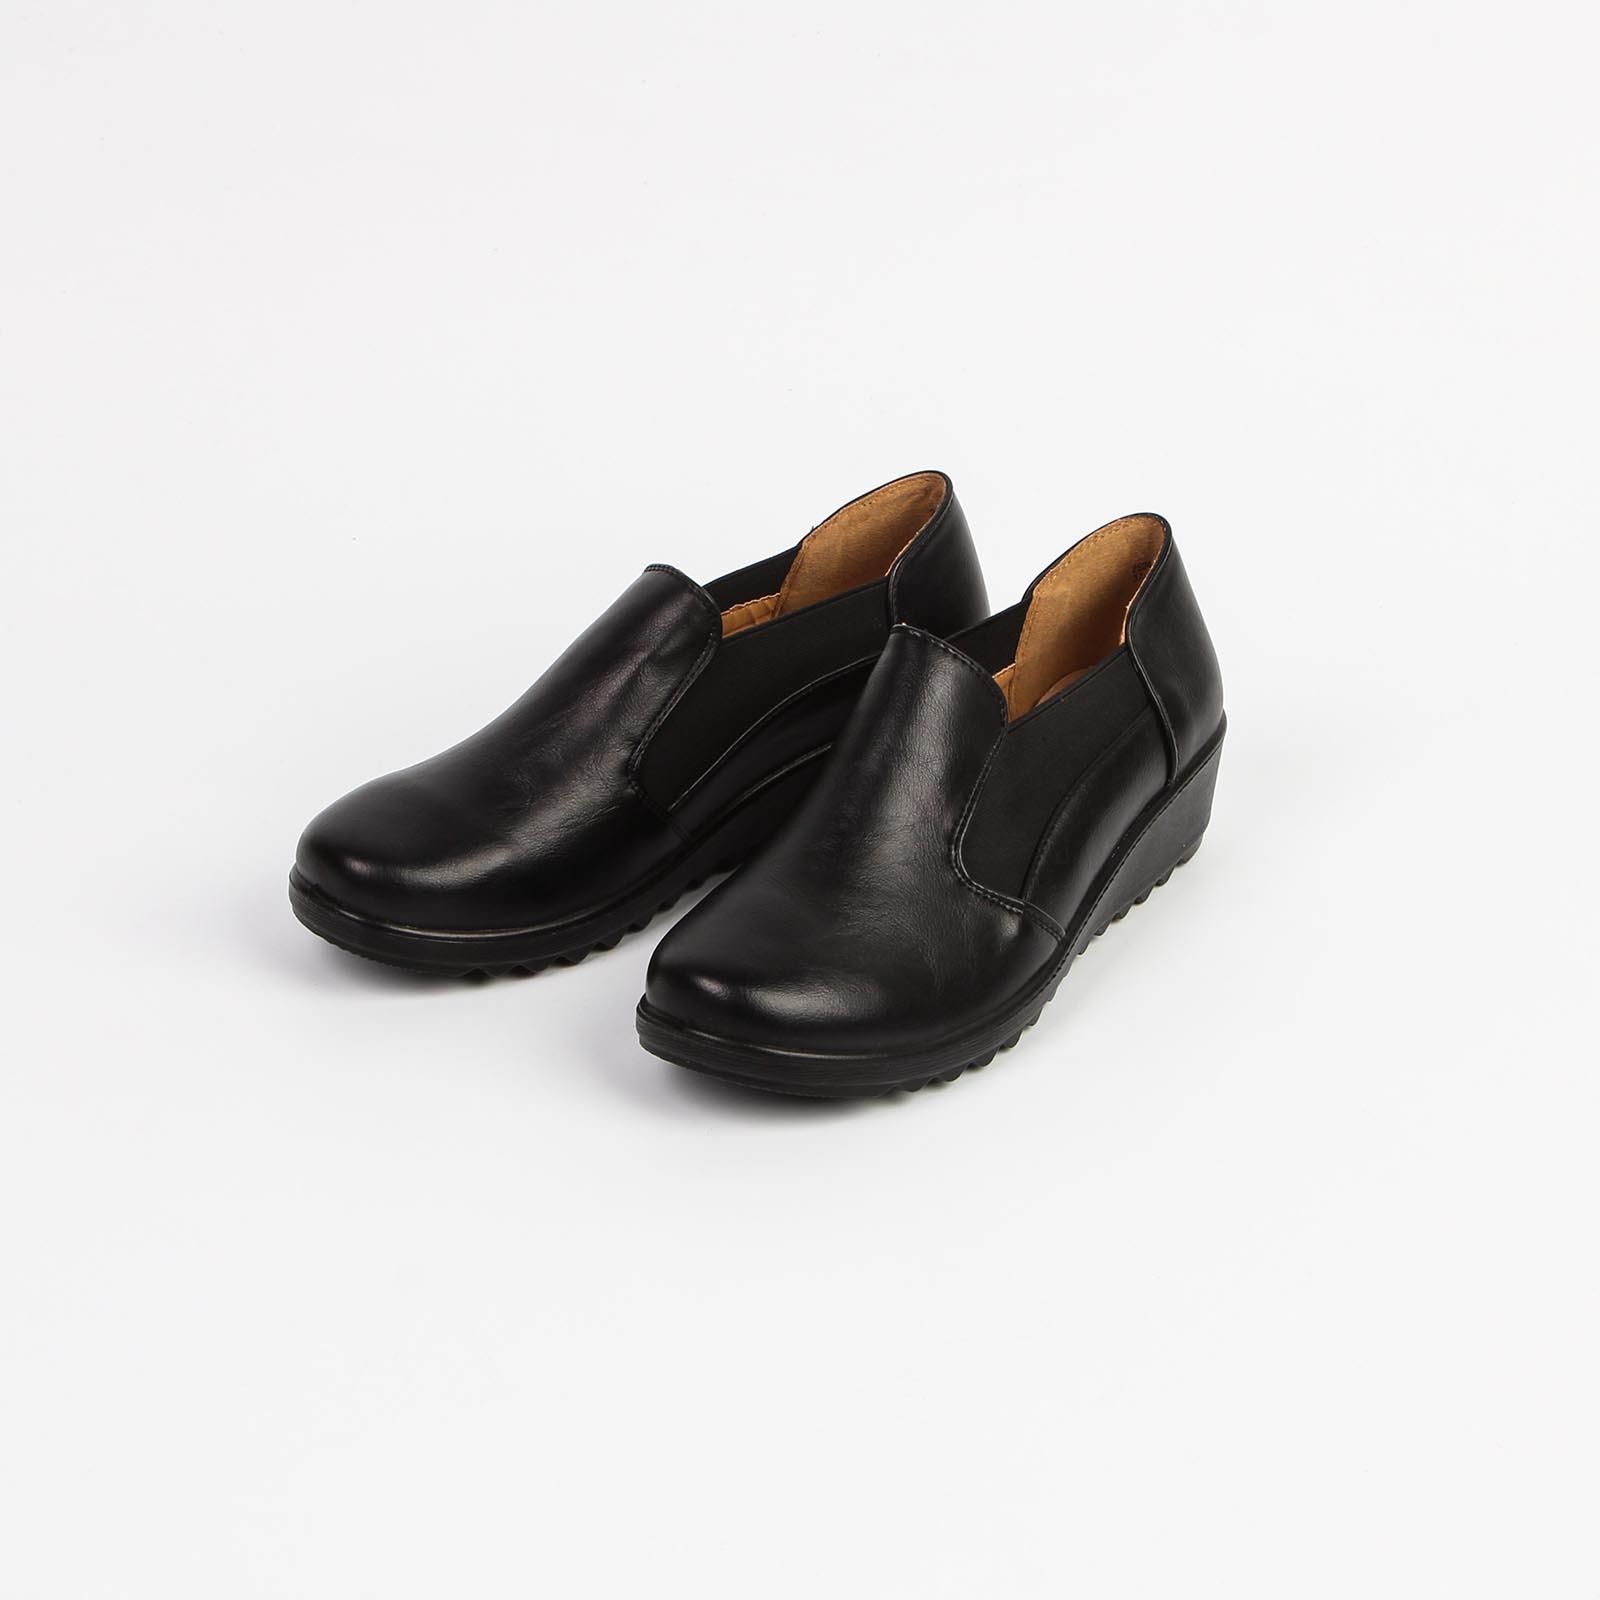 Туфли женские с эластичными вставками по бокам на подошве с рифлением